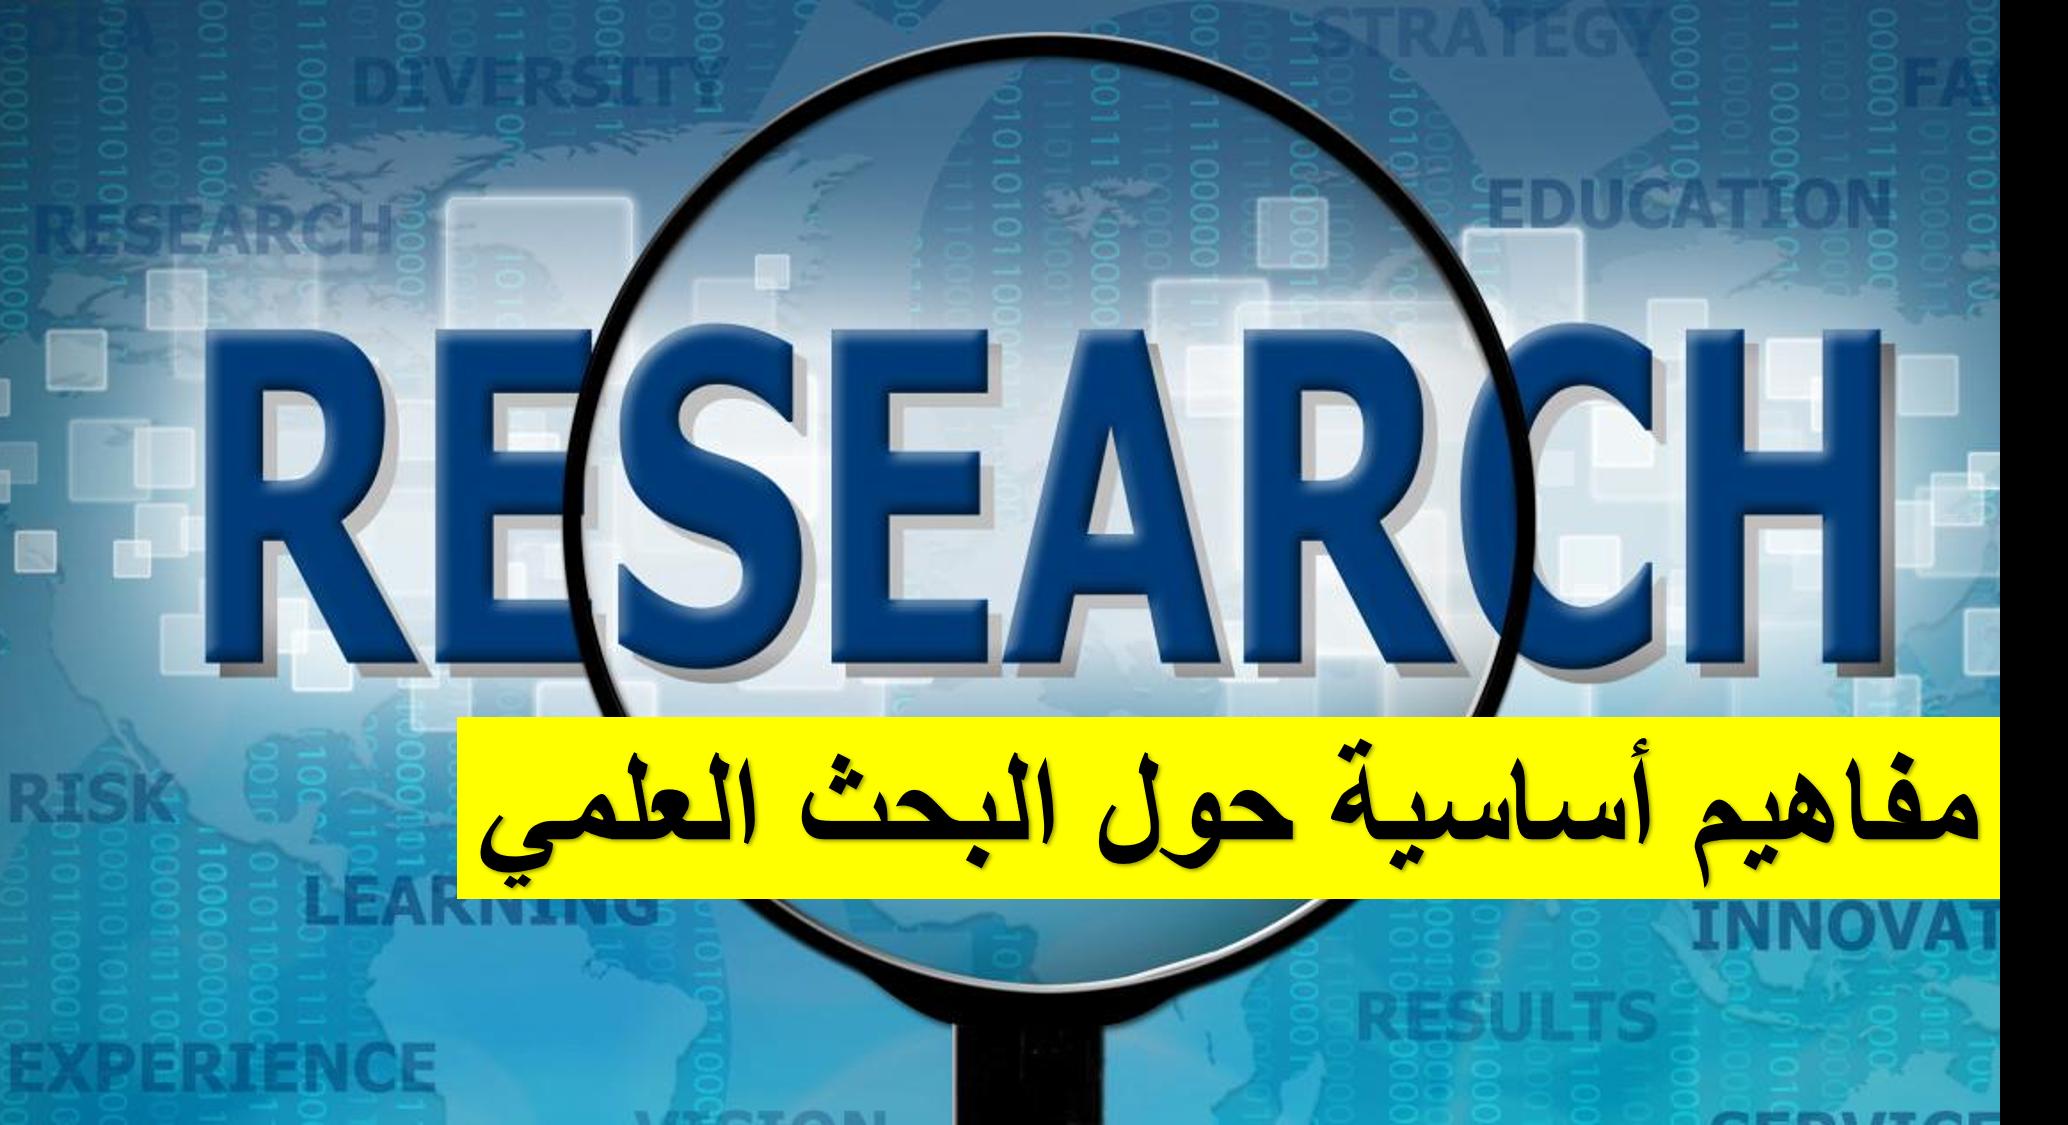 مفاهيم أساسية حول البحث العلمي